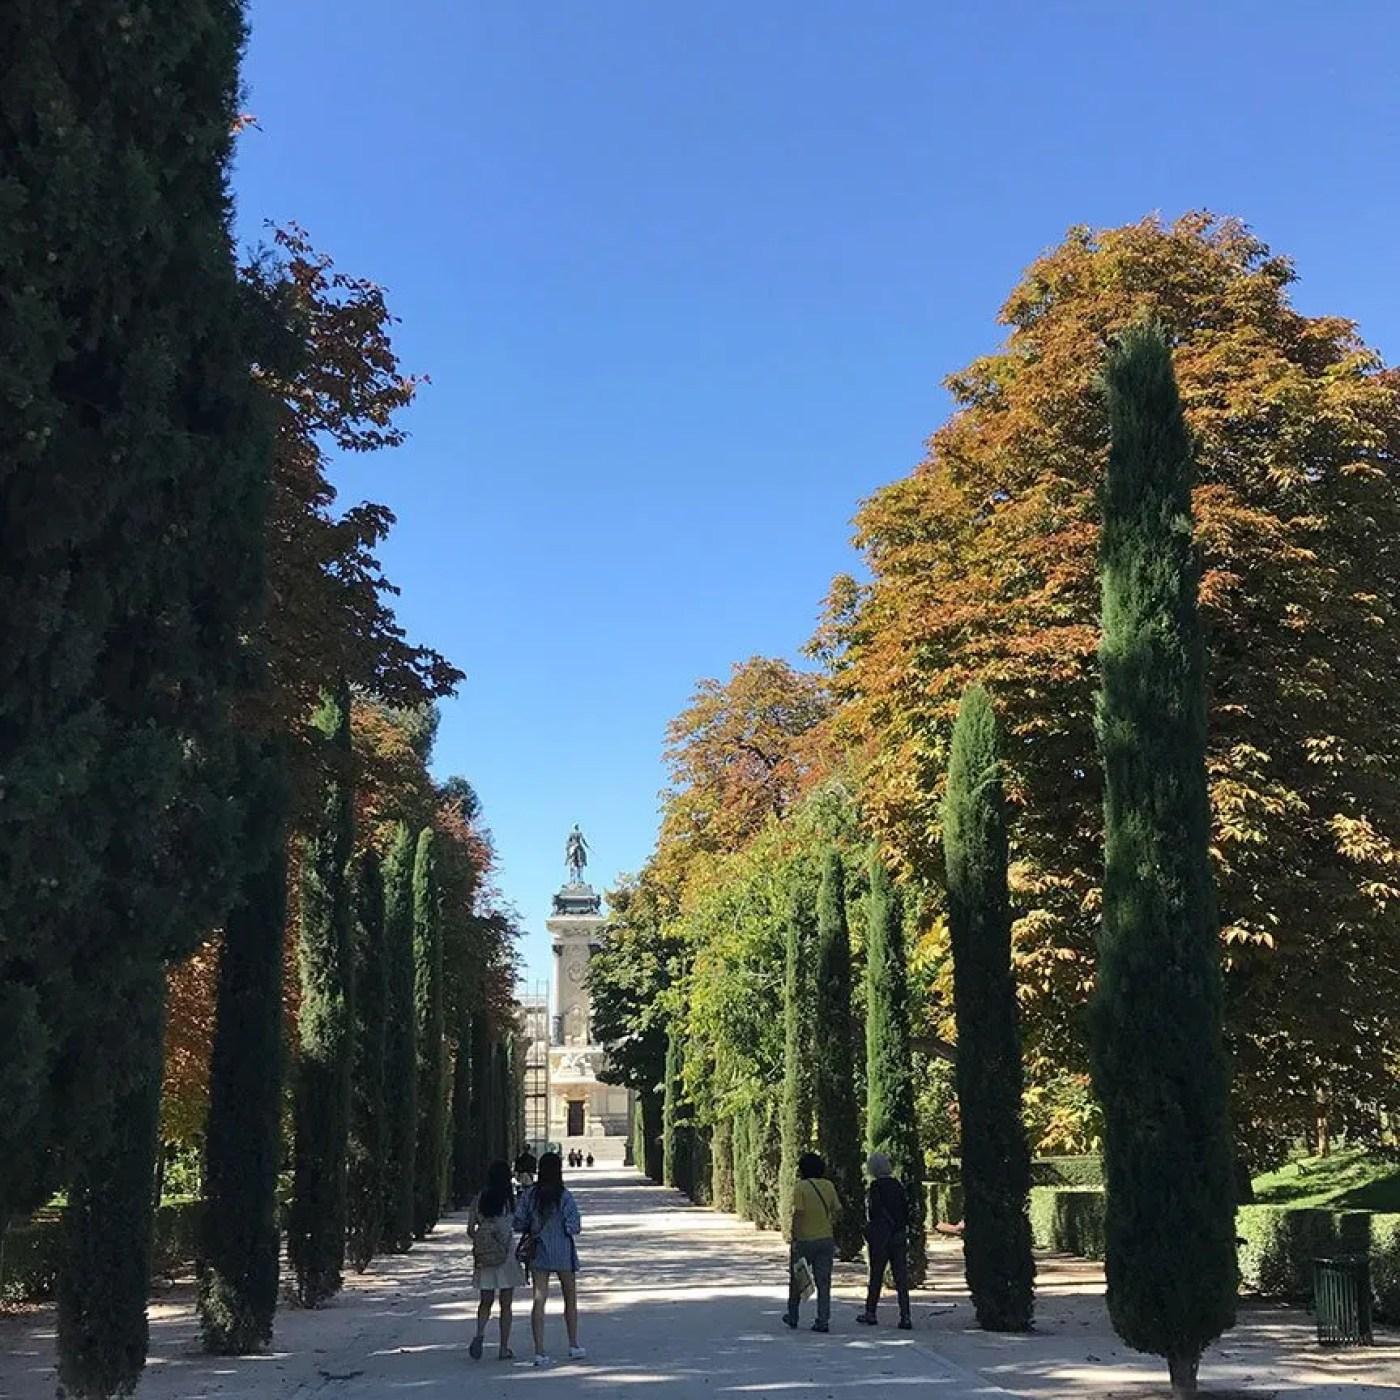 Going for a walk in Retiro park